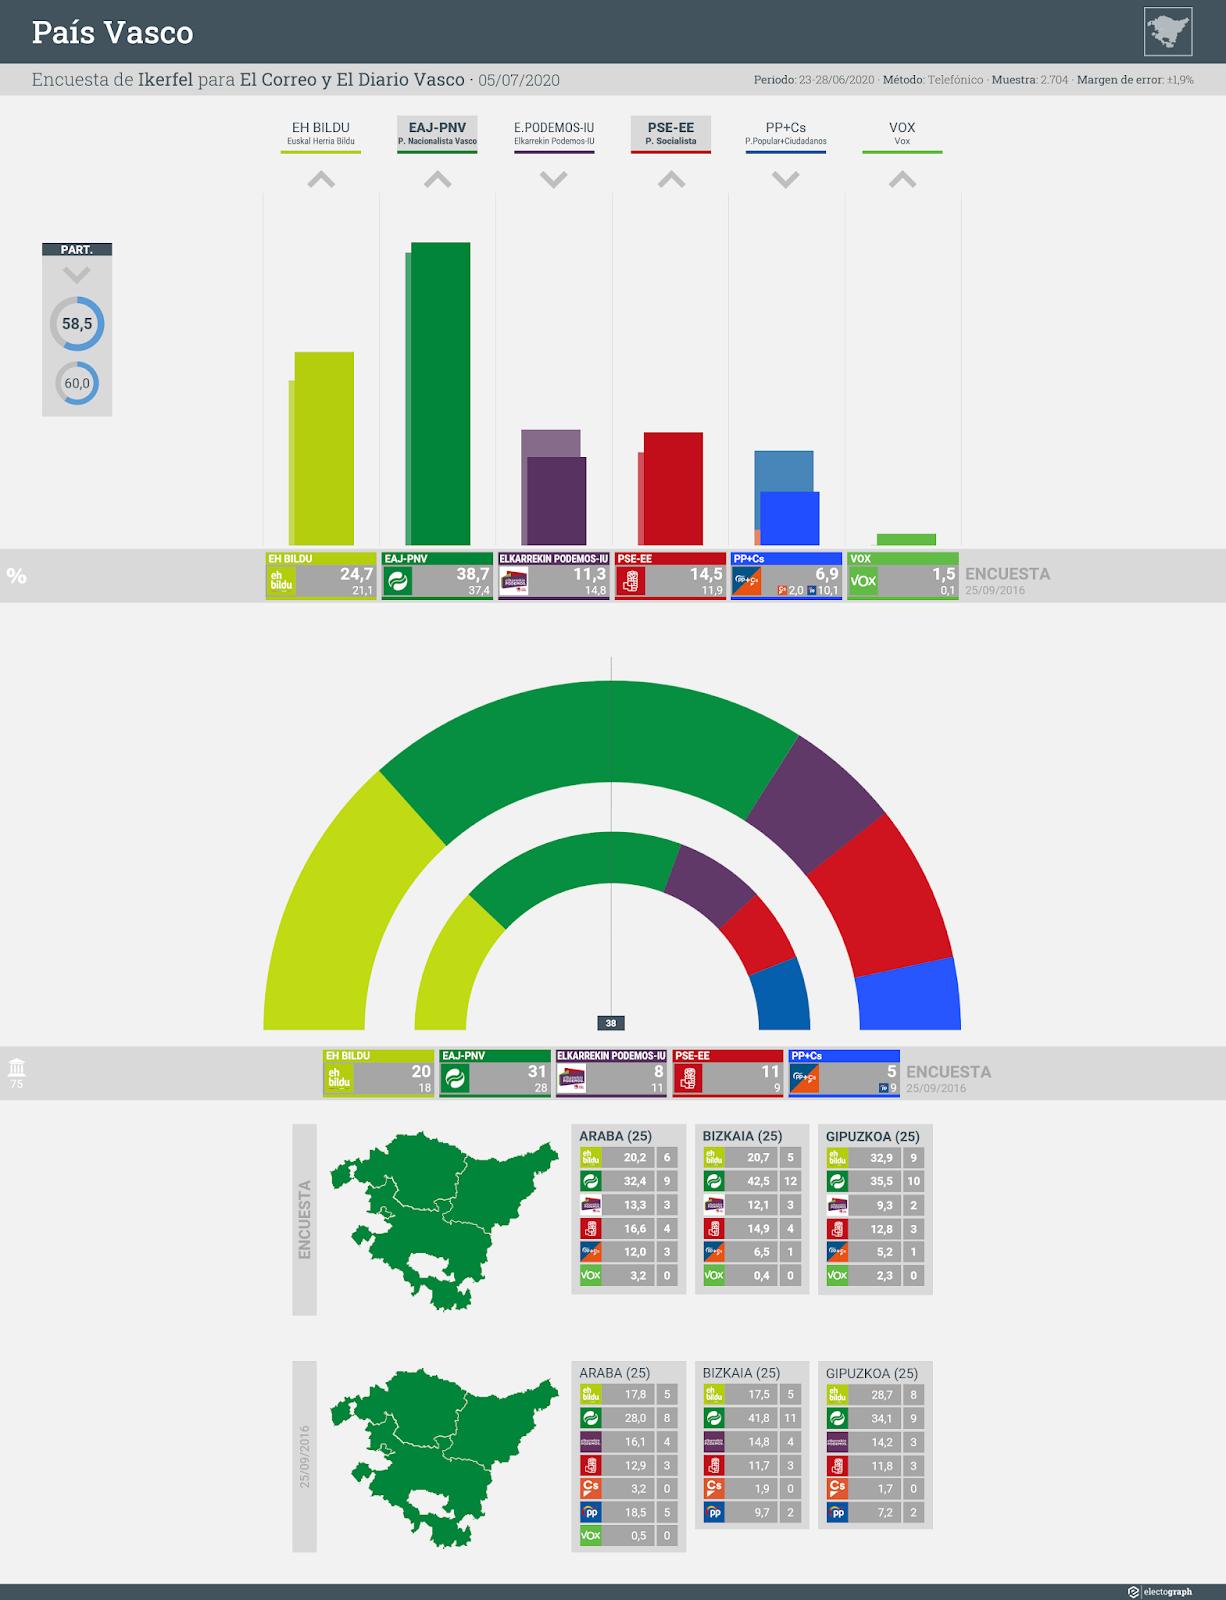 Gráfico de la encuesta para elecciones autonómicas en el País Vasco realizada por Ikerfel para El Correo y El Diario Vasco, 5 de julio de 2020